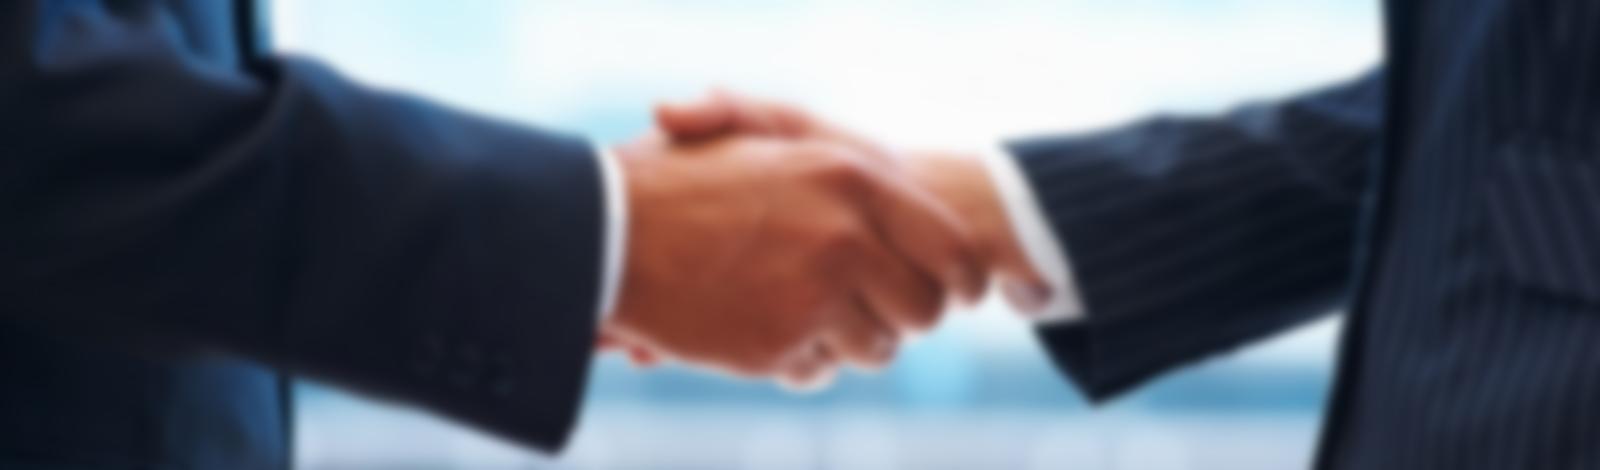 slider_handshake_blur